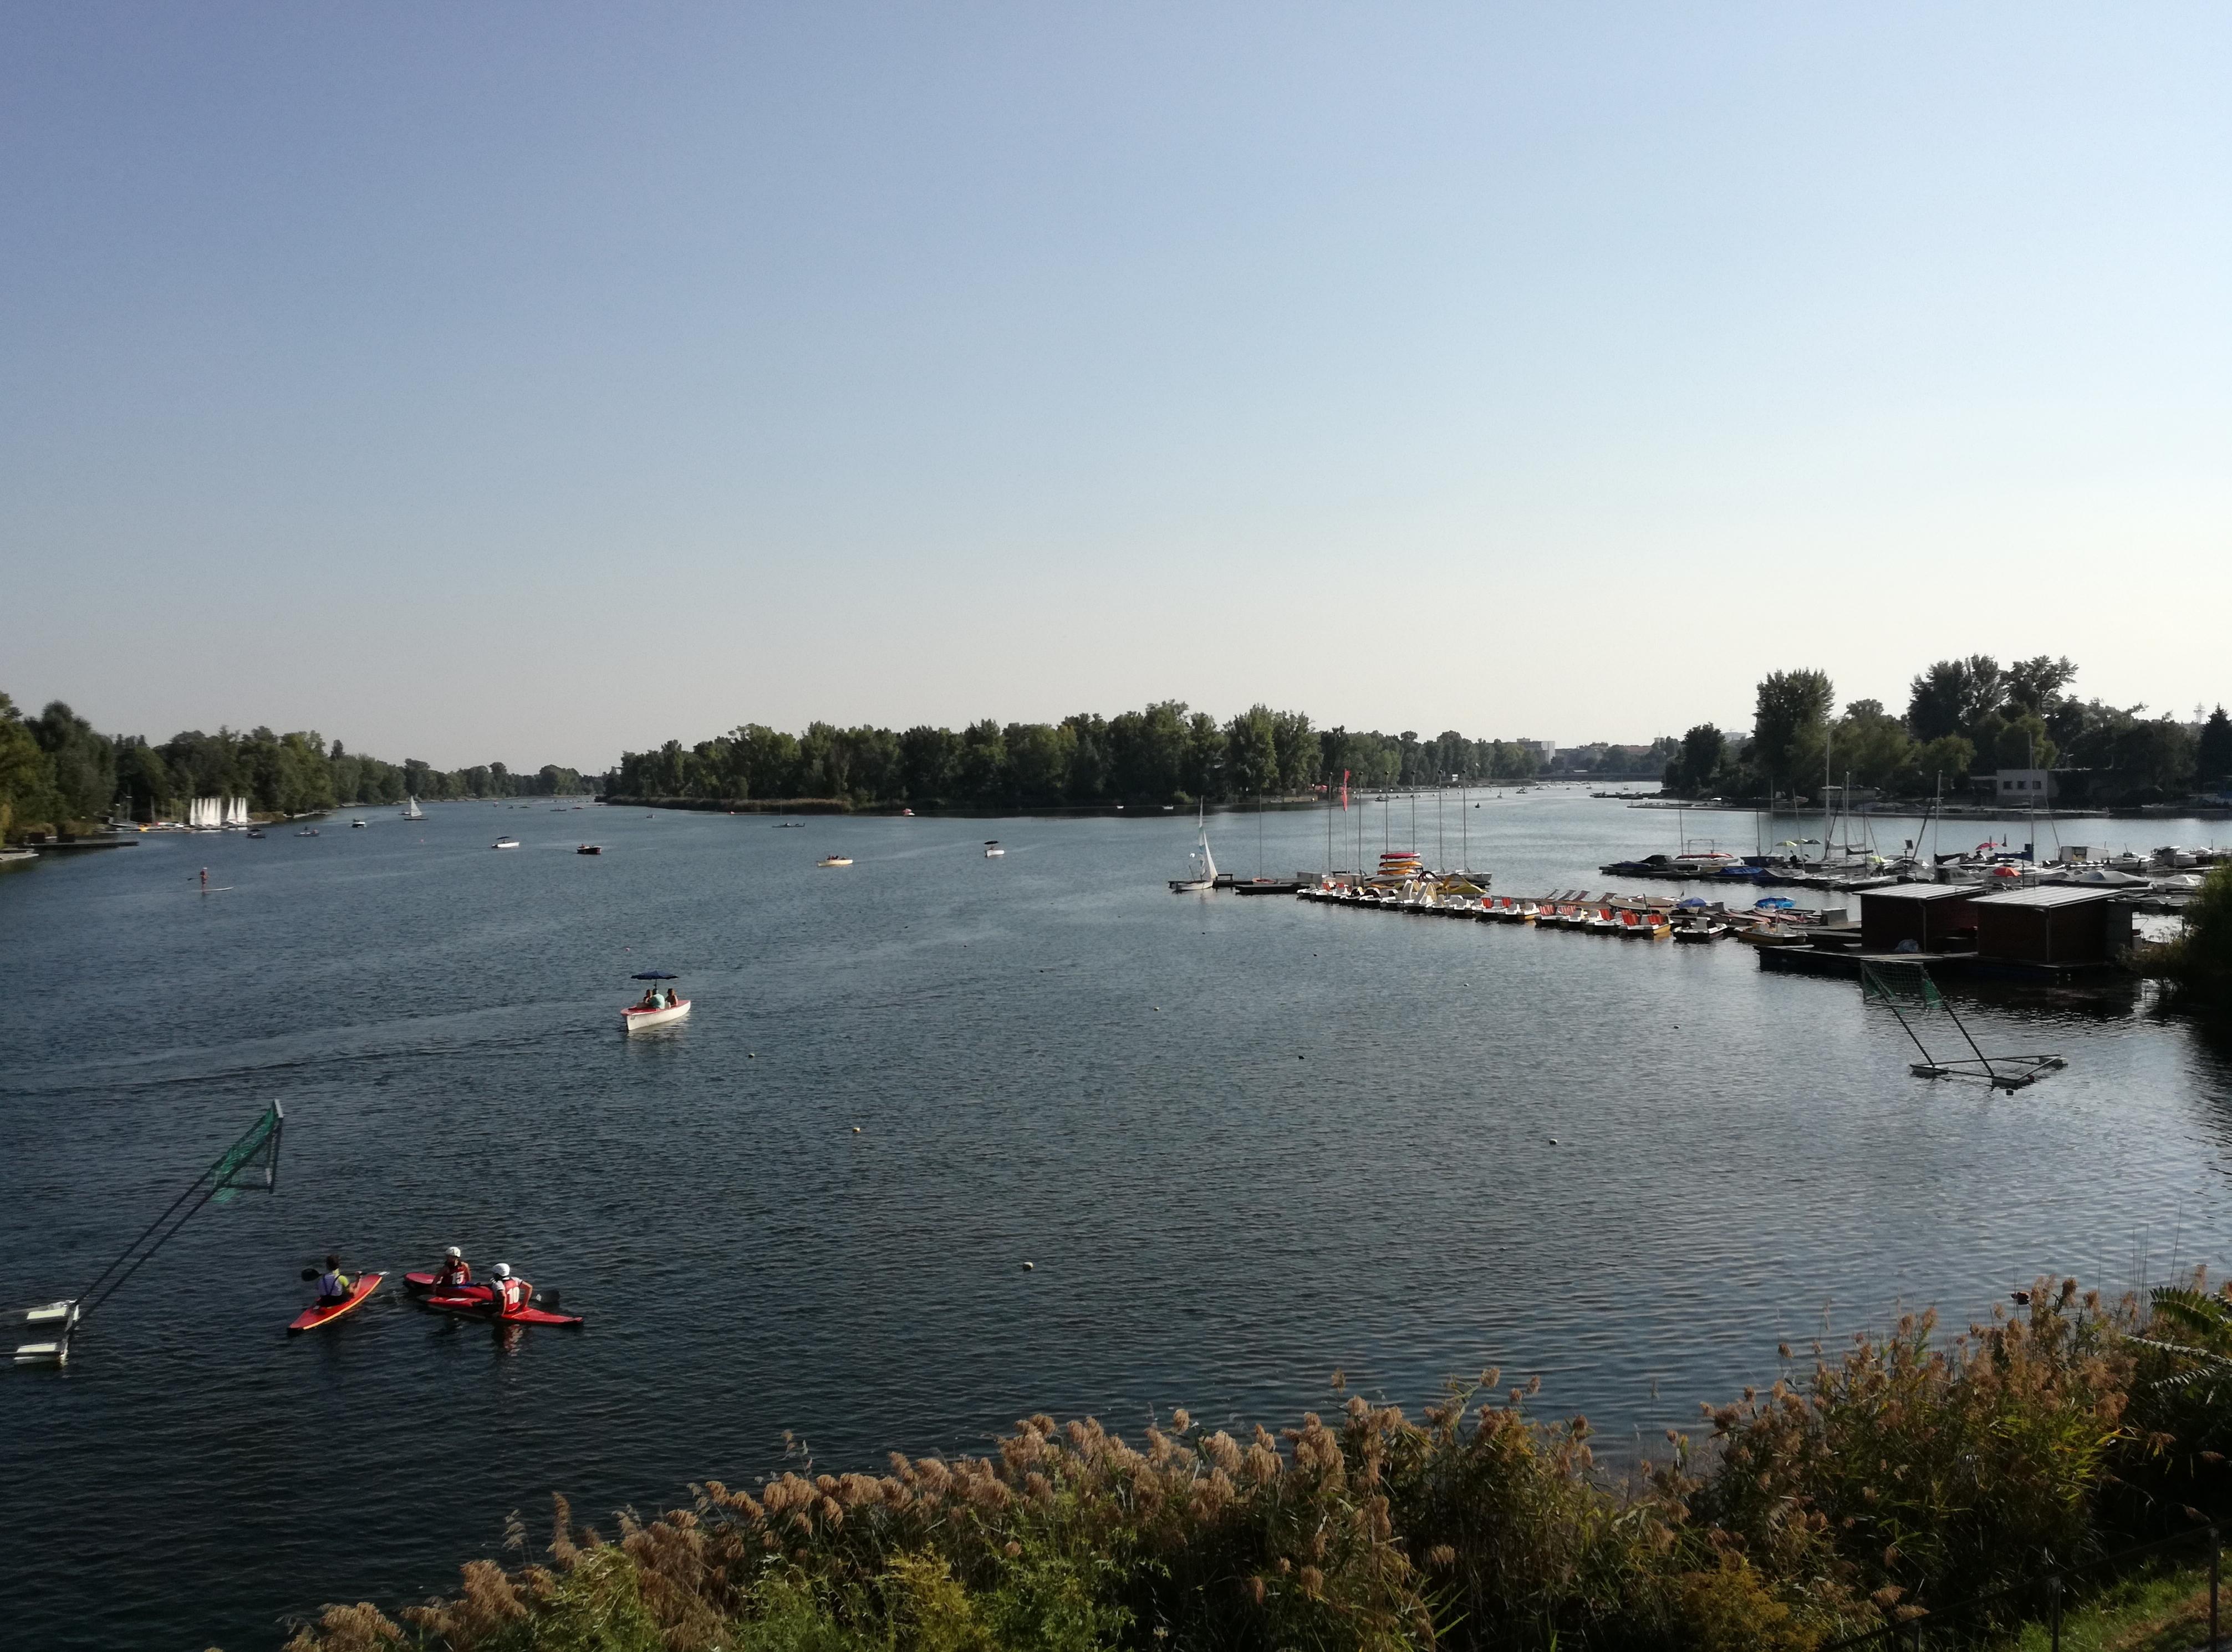 Alte Donau Boote (c) STADTBEKANNT Mehofer